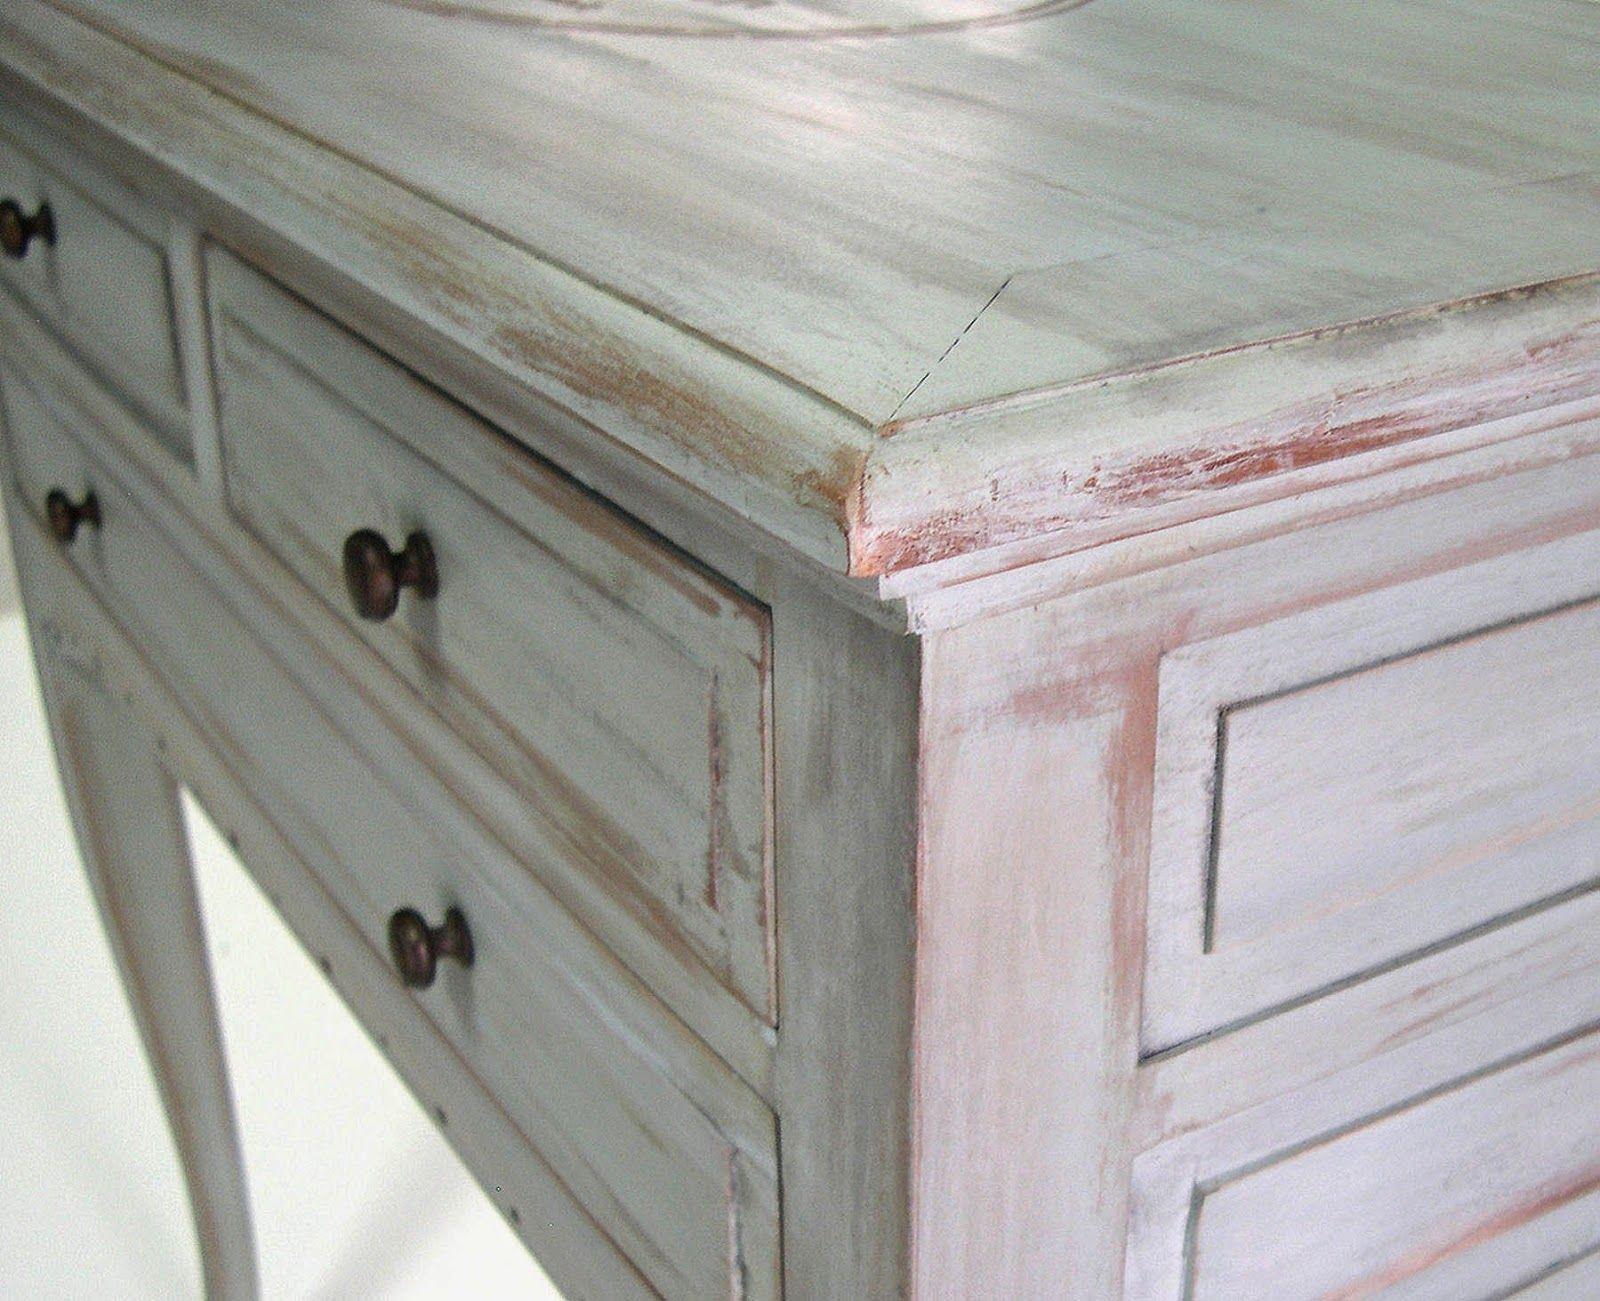 El chalky blog tecnica decapado con lija de pintura - Tecnicas de restauracion de muebles ...